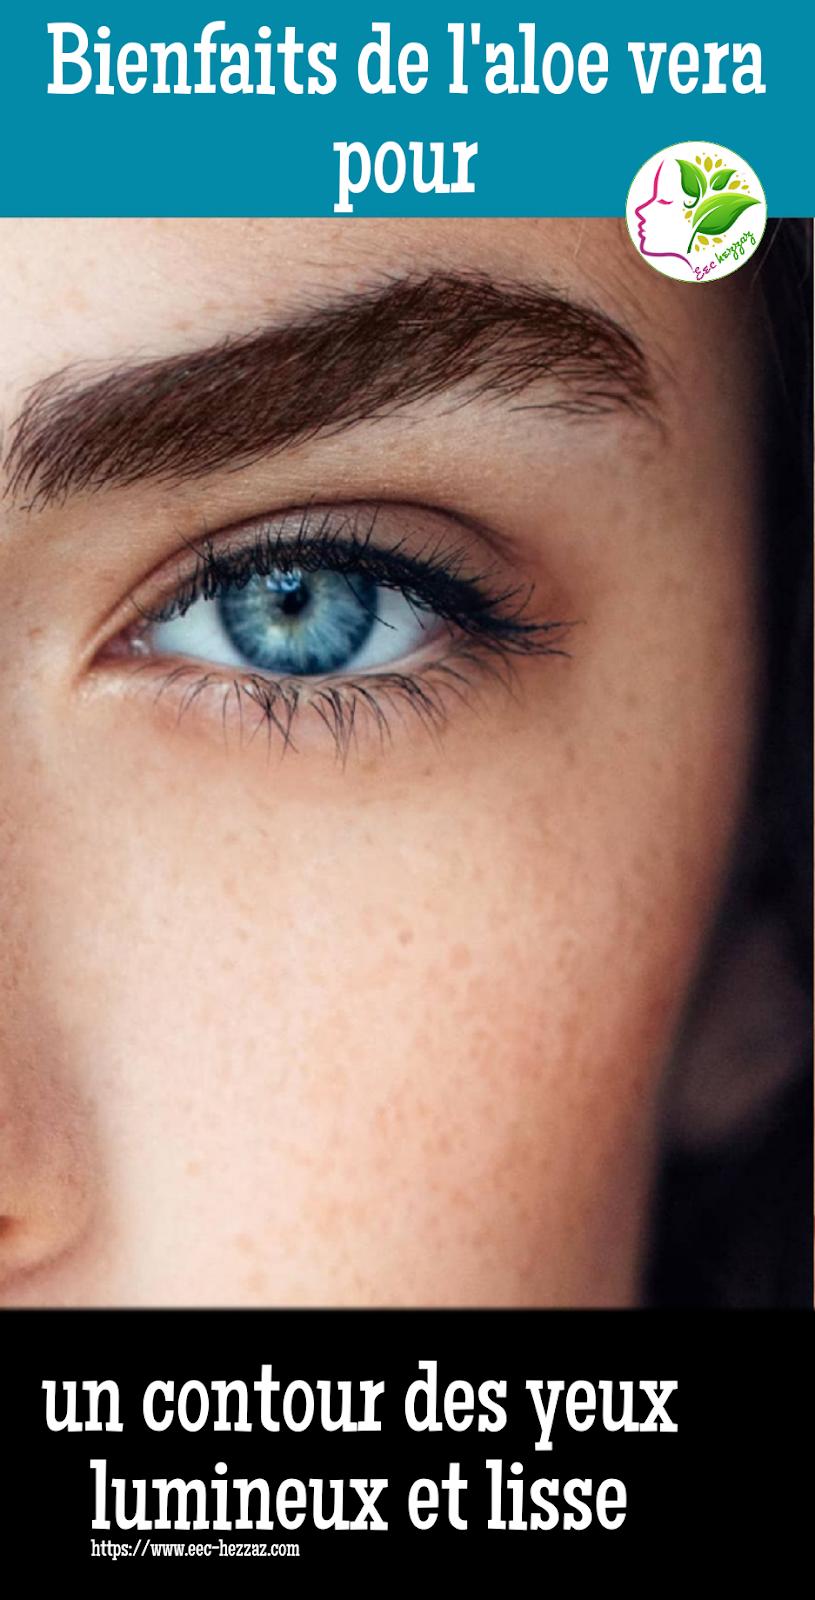 Bienfaits de l'aloe vera pour un contour des yeux lumineux et lisse